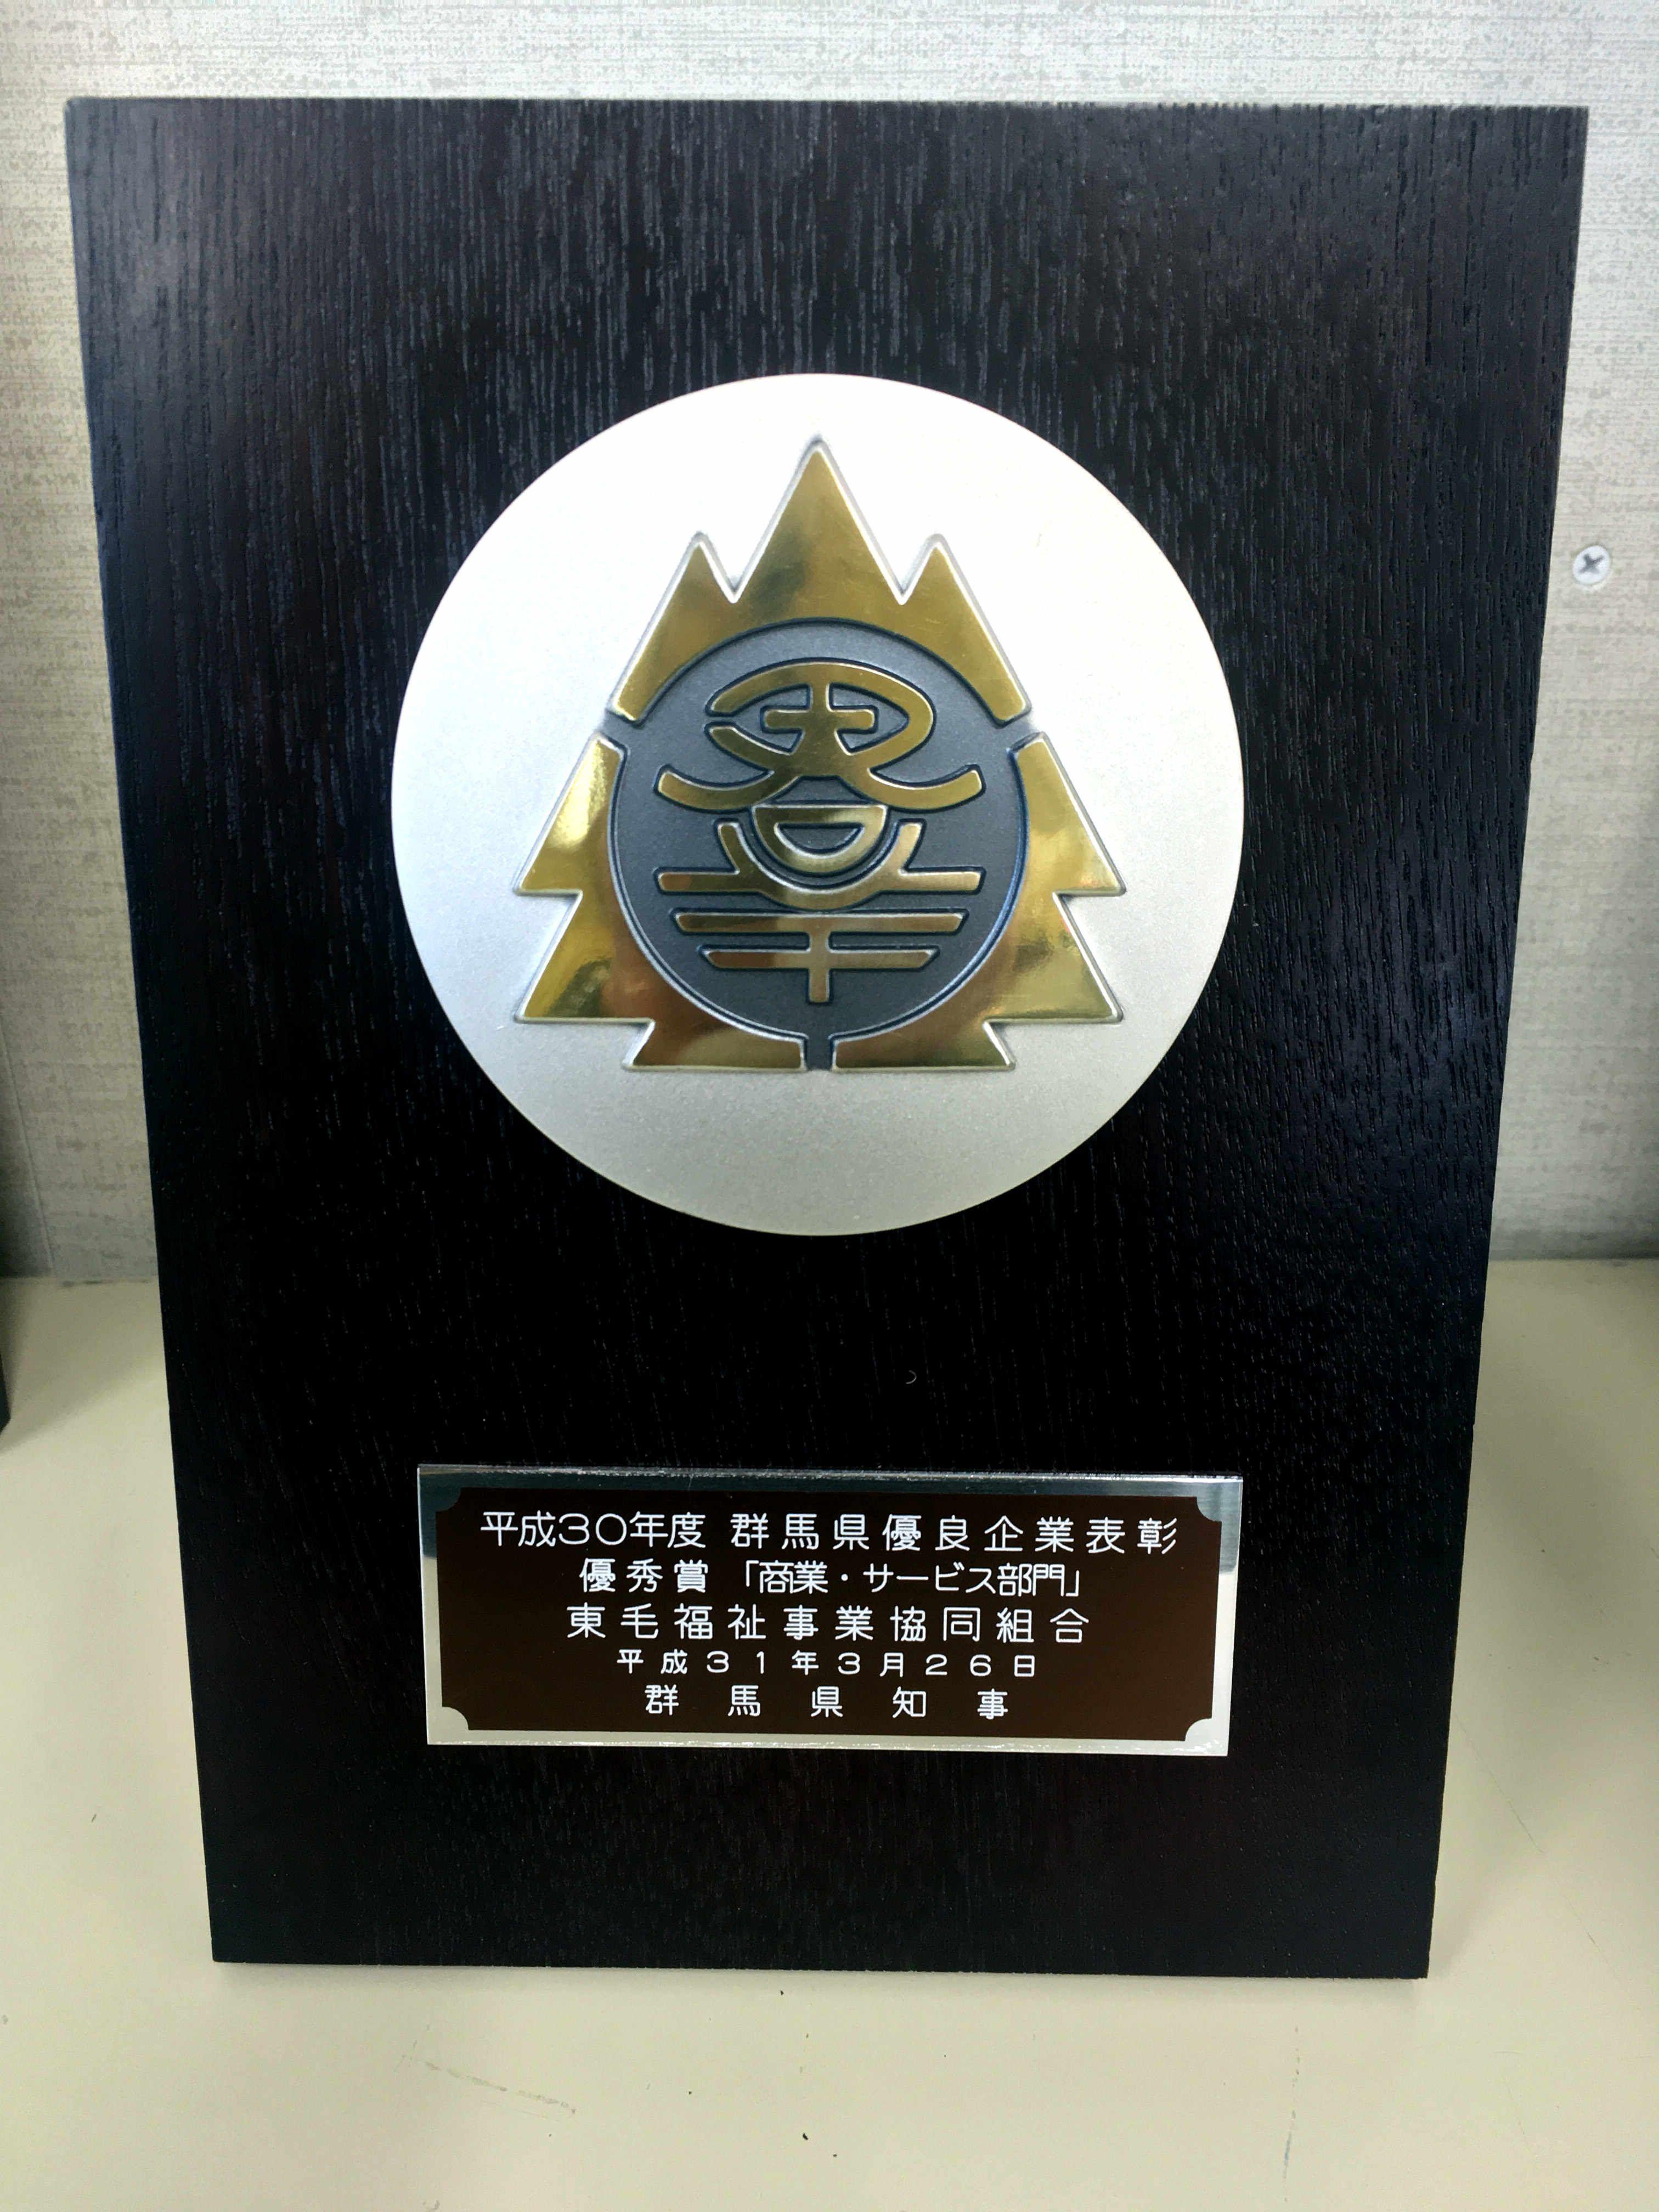 平成30年度 群馬県優良企業表彰